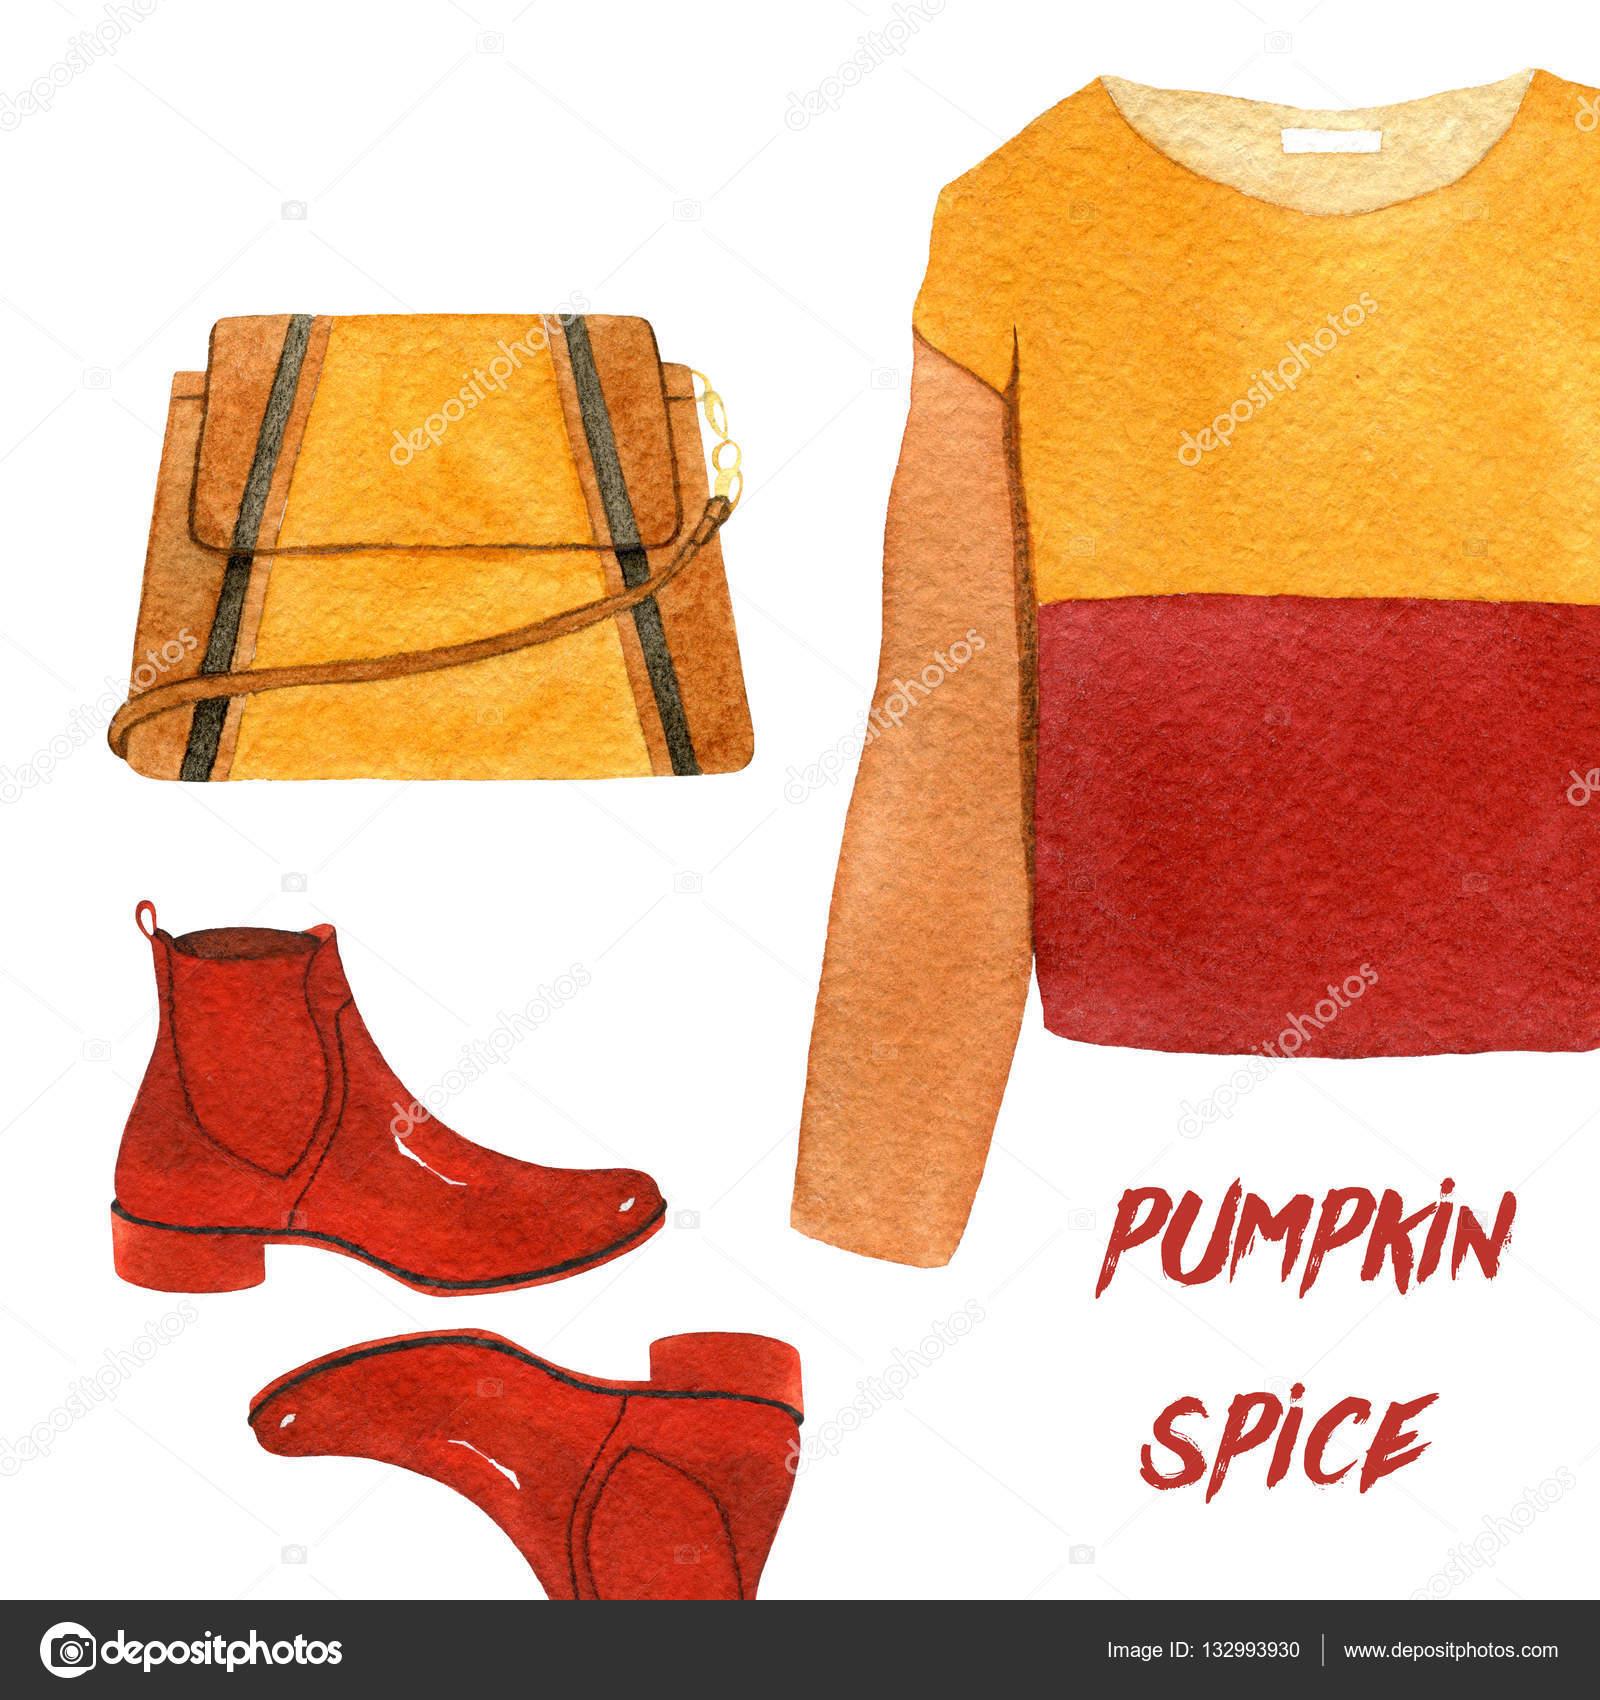 Akvarell divat illusztráció. trendi őszi tartozékok és szegfűszeg halmaza.  tök spice 6d8953984e